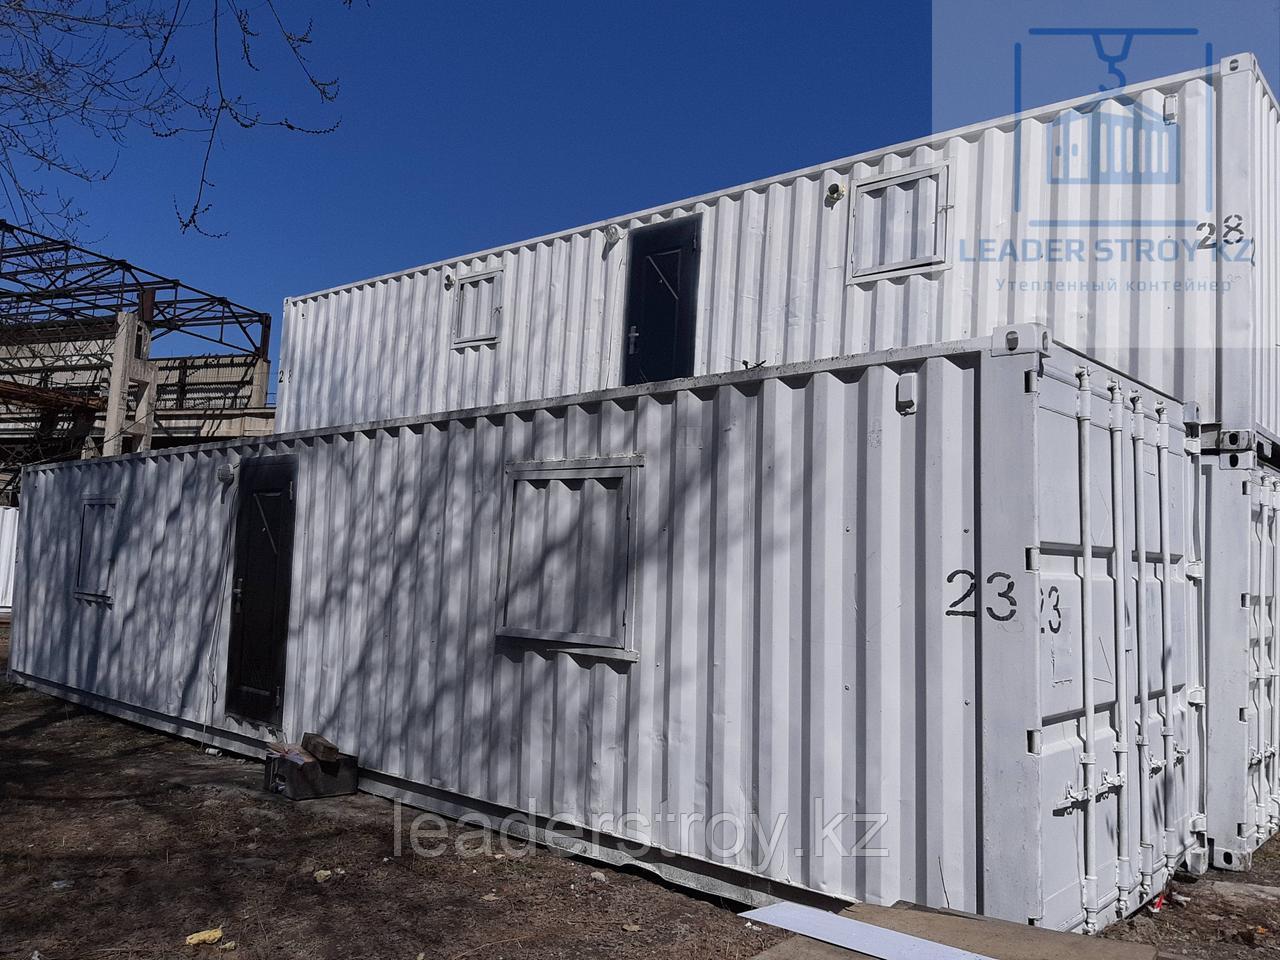 Жилой контейнер под склад хранение одежды из 40 футового контейнера